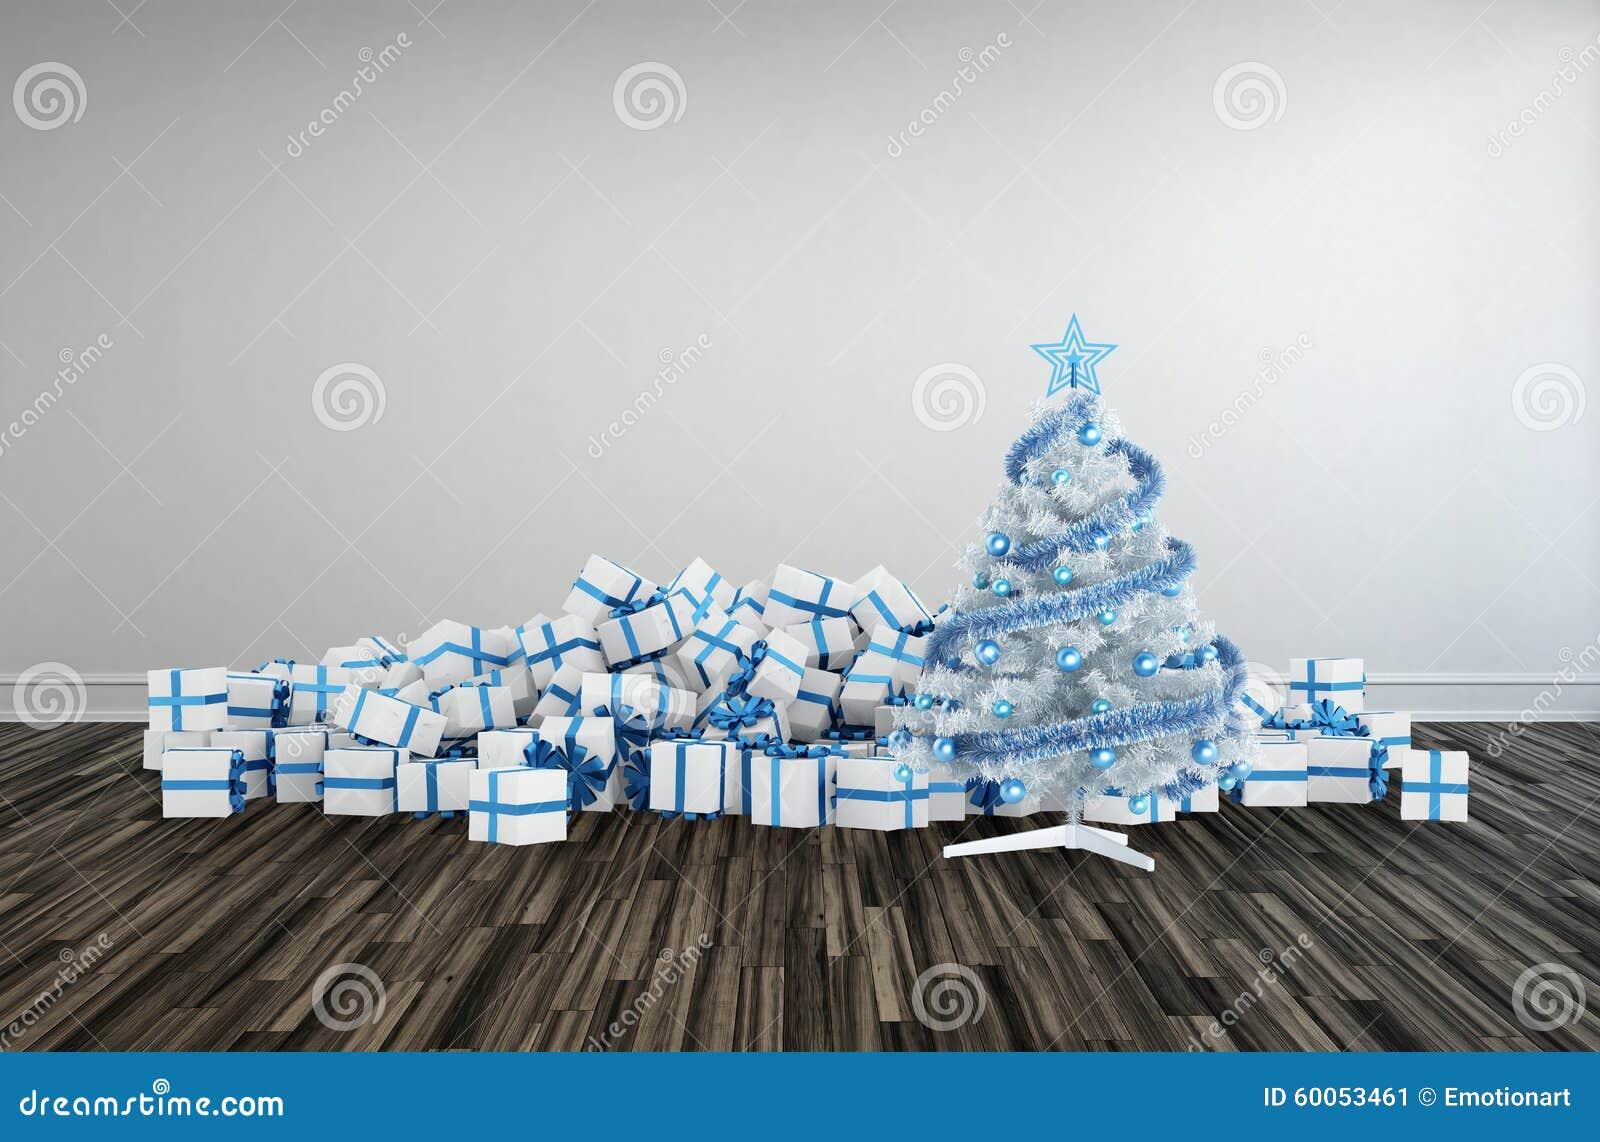 Weihnachtsbaum und Geschenke für eine große Familie